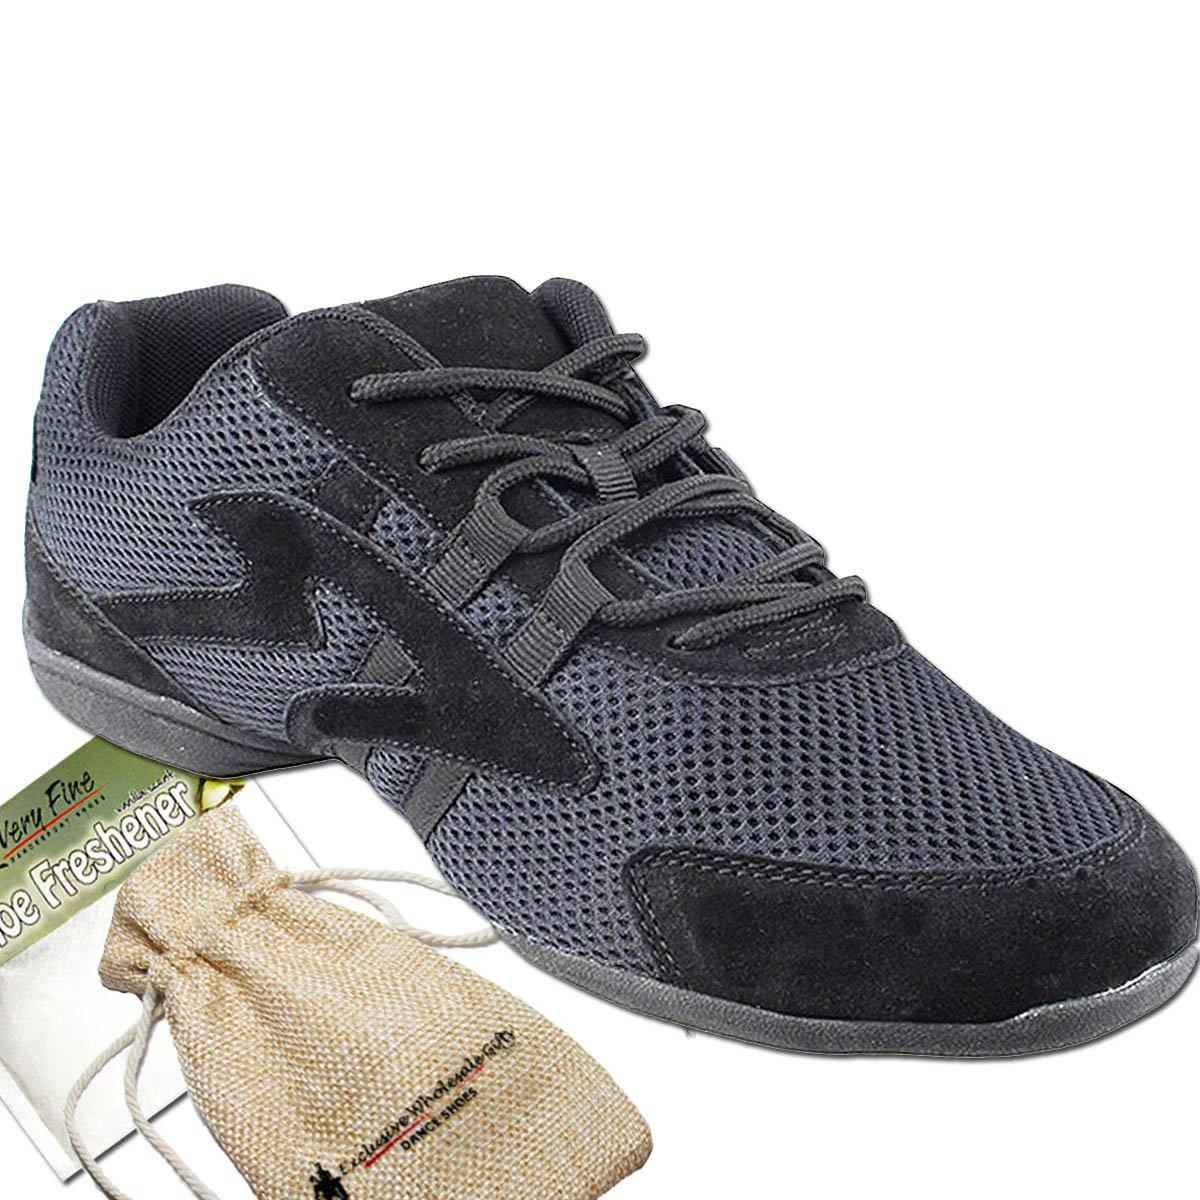 Bundle- 4 items - Very Fine Mens Womens Unisex Practice Dance Sneaker Split Sole VFSN012 Pouch Bag Sachet, Low Profile:Black 13.5M US